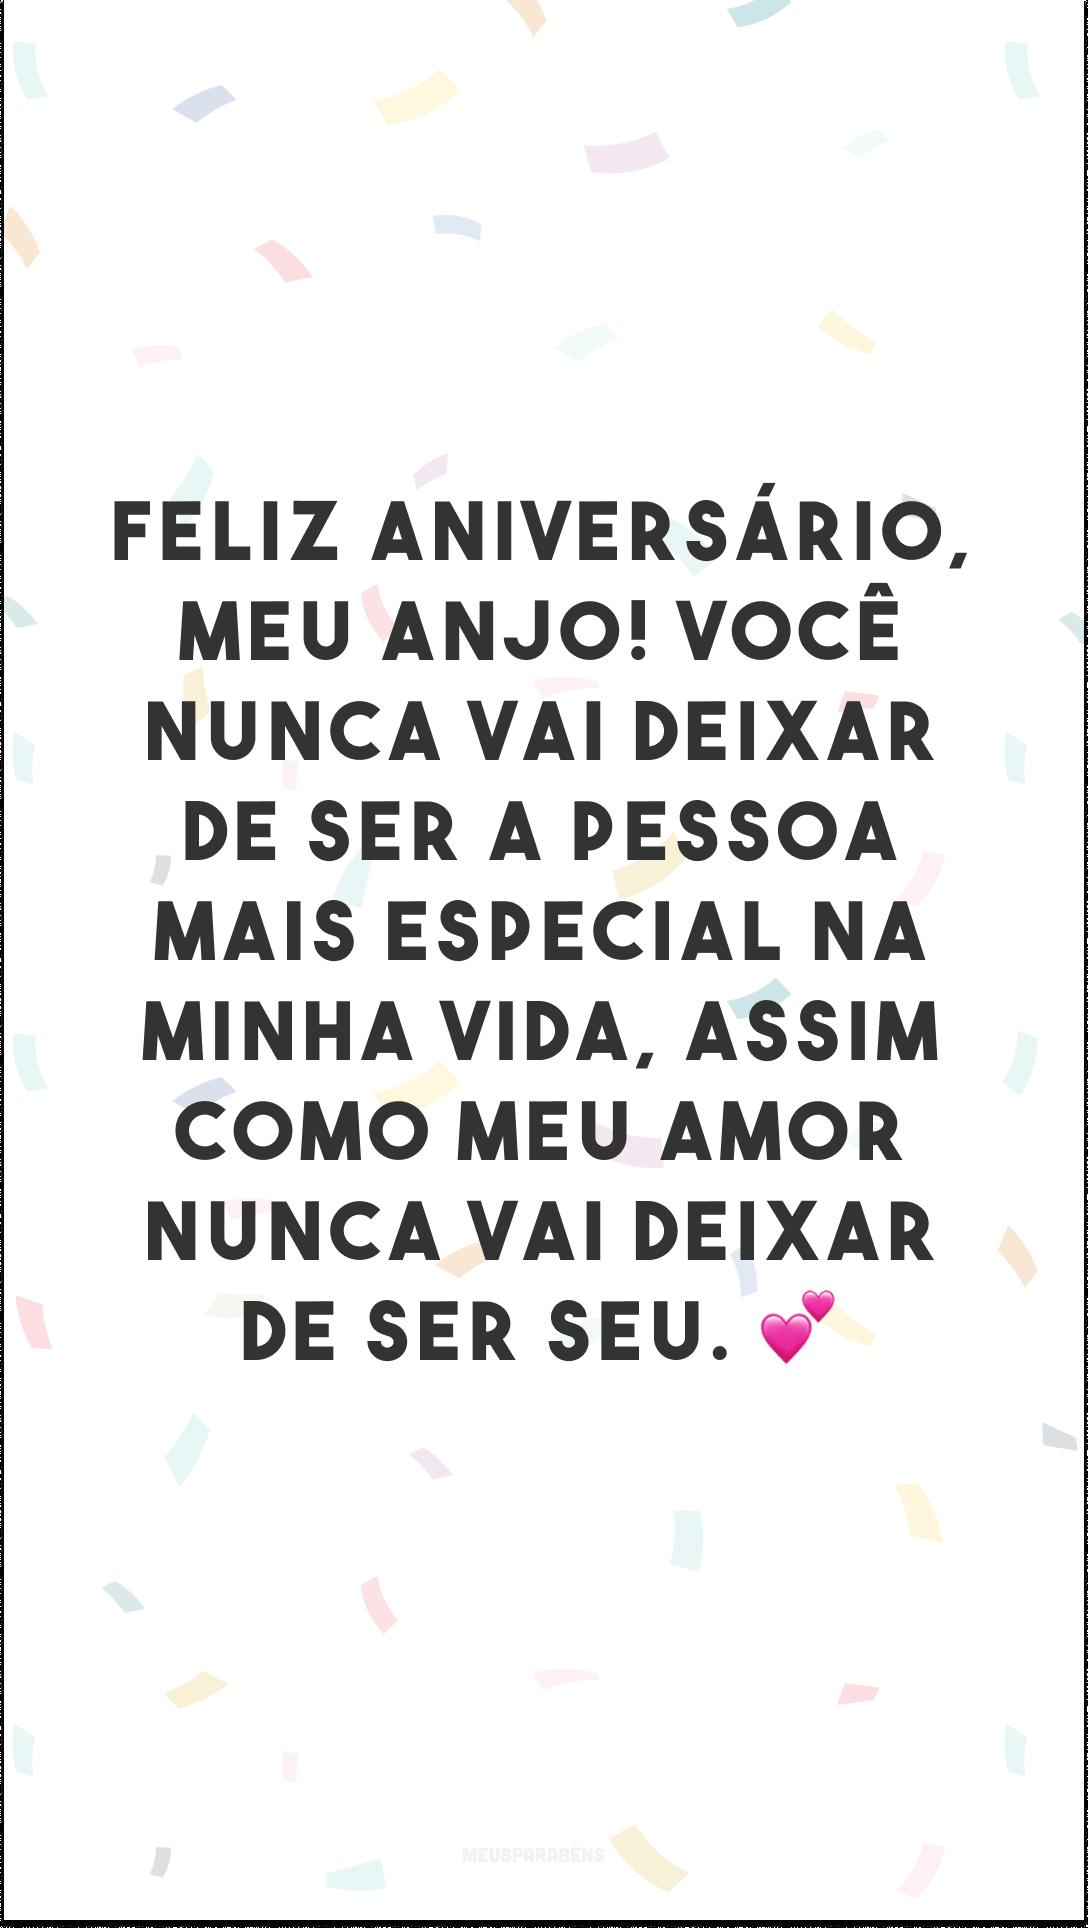 Feliz aniversário, meu anjo! Você nunca vai deixar de ser a pessoa mais especial na minha vida, assim como meu amor nunca vai deixar de ser seu. 💕